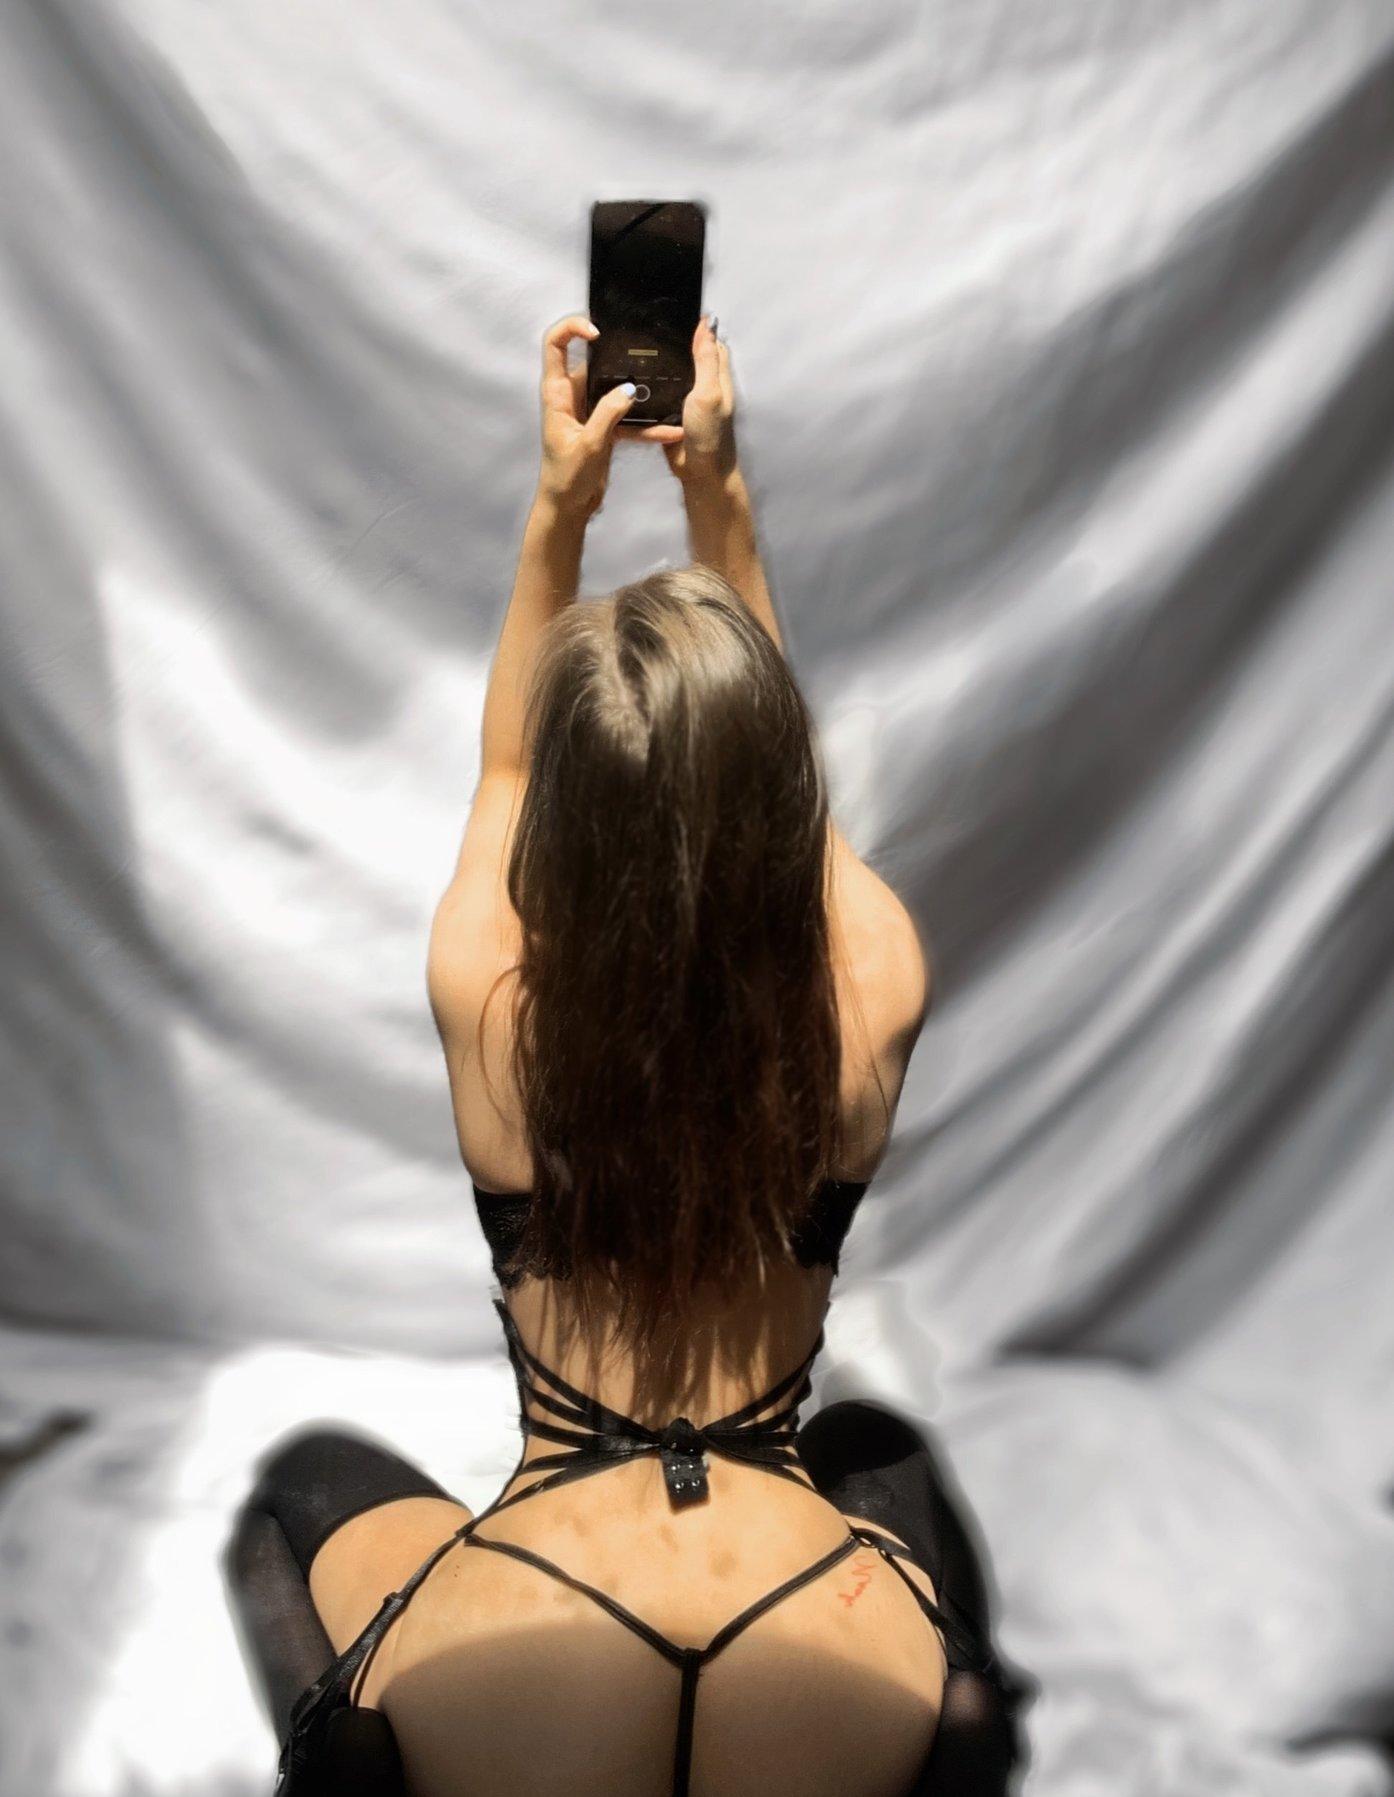 Ashley Danielle Ashleydaniellexox Onlyfans Nude Leaks 0014